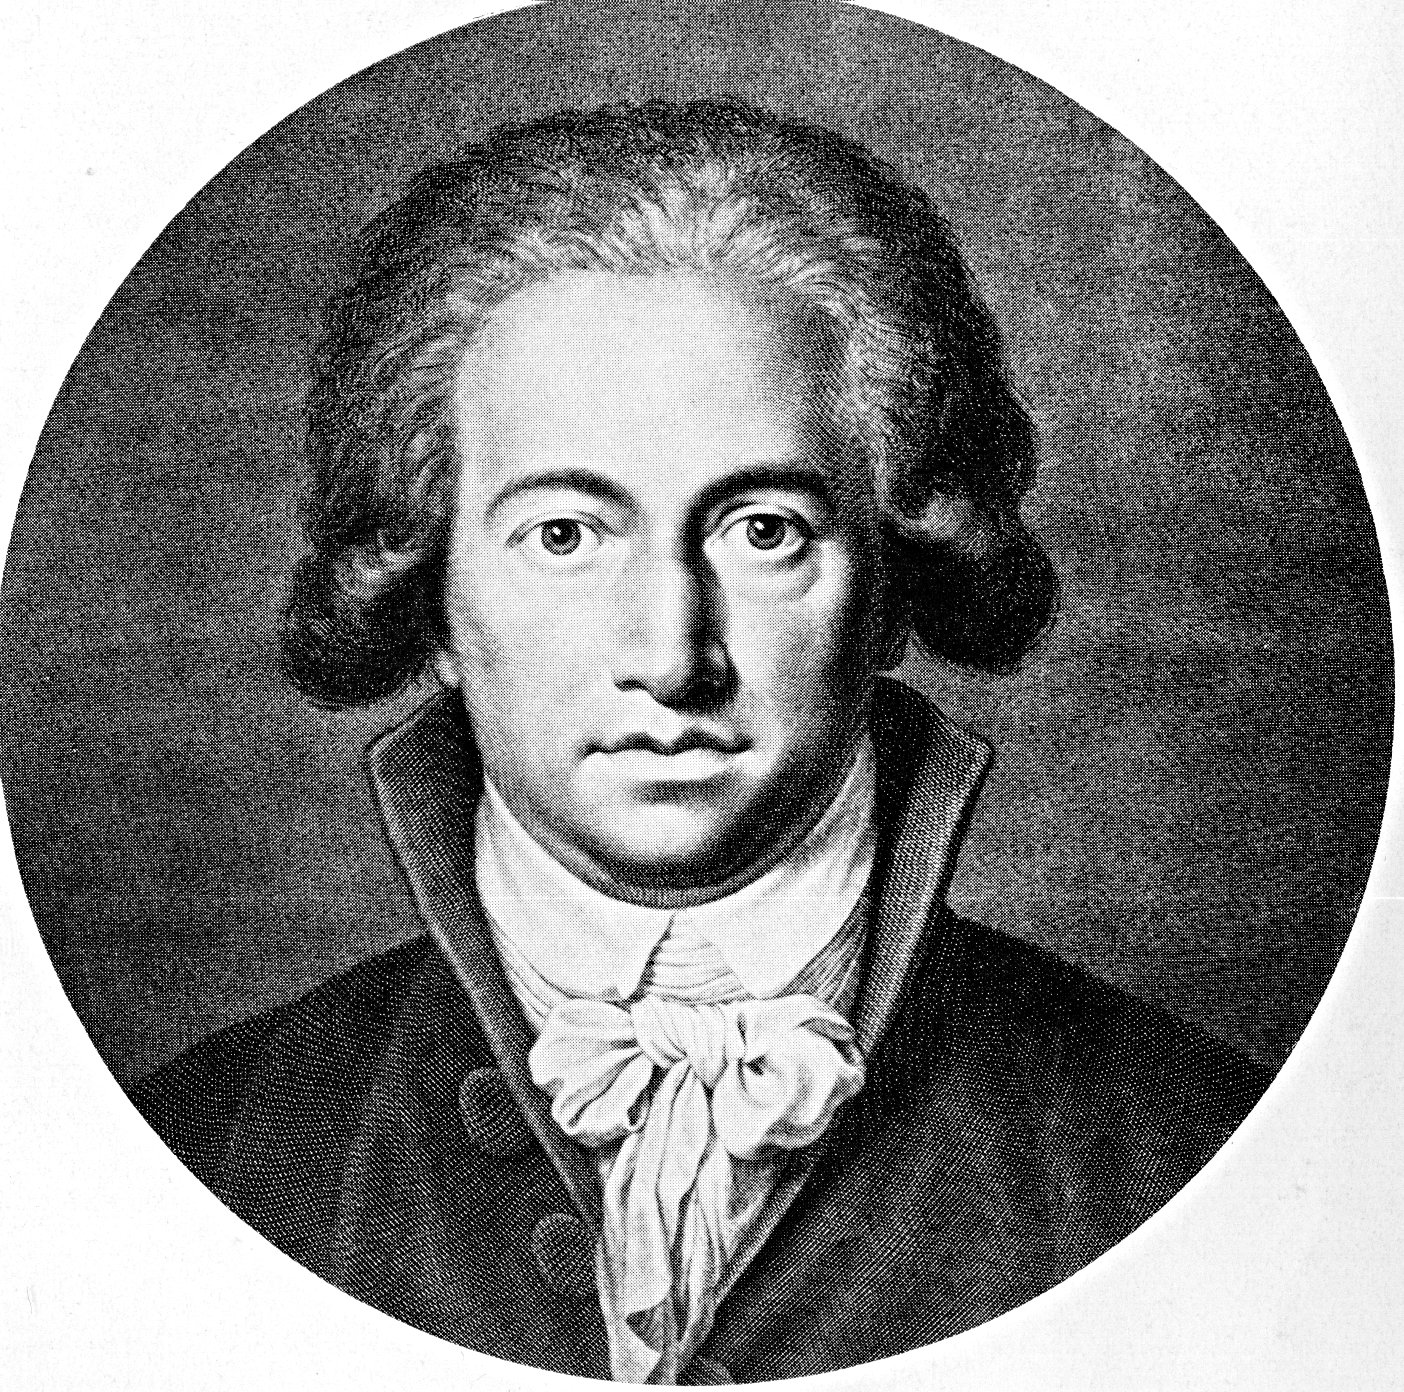 John Von Stach